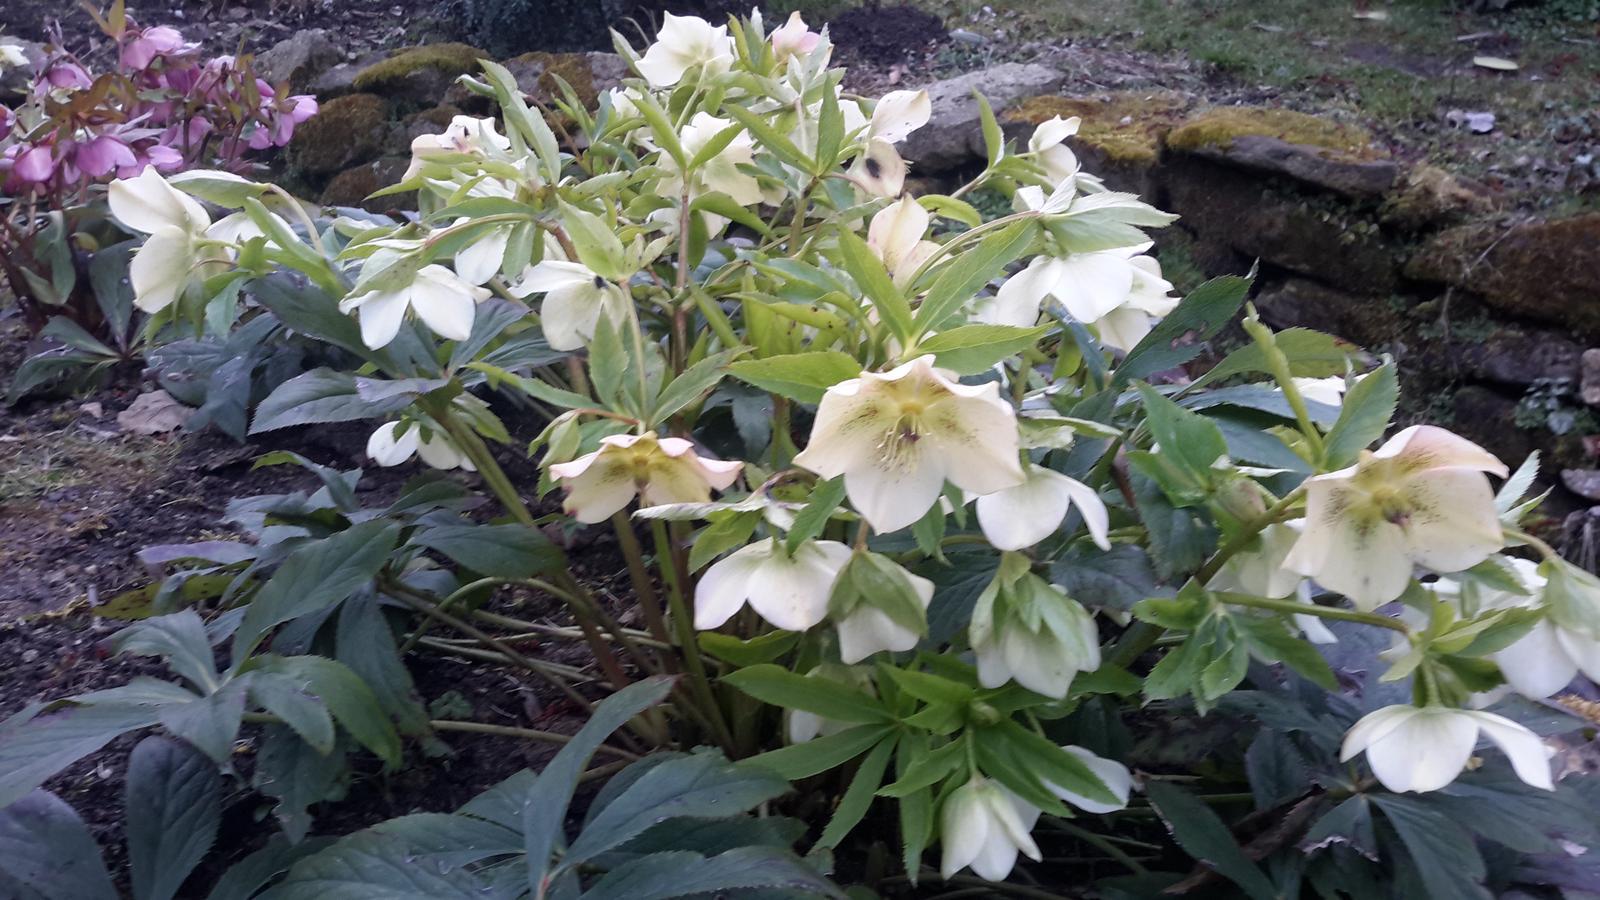 Jihočeská venkovská zahrada. - Čemeřice černá se jmenuje,přestože kvete bíle.